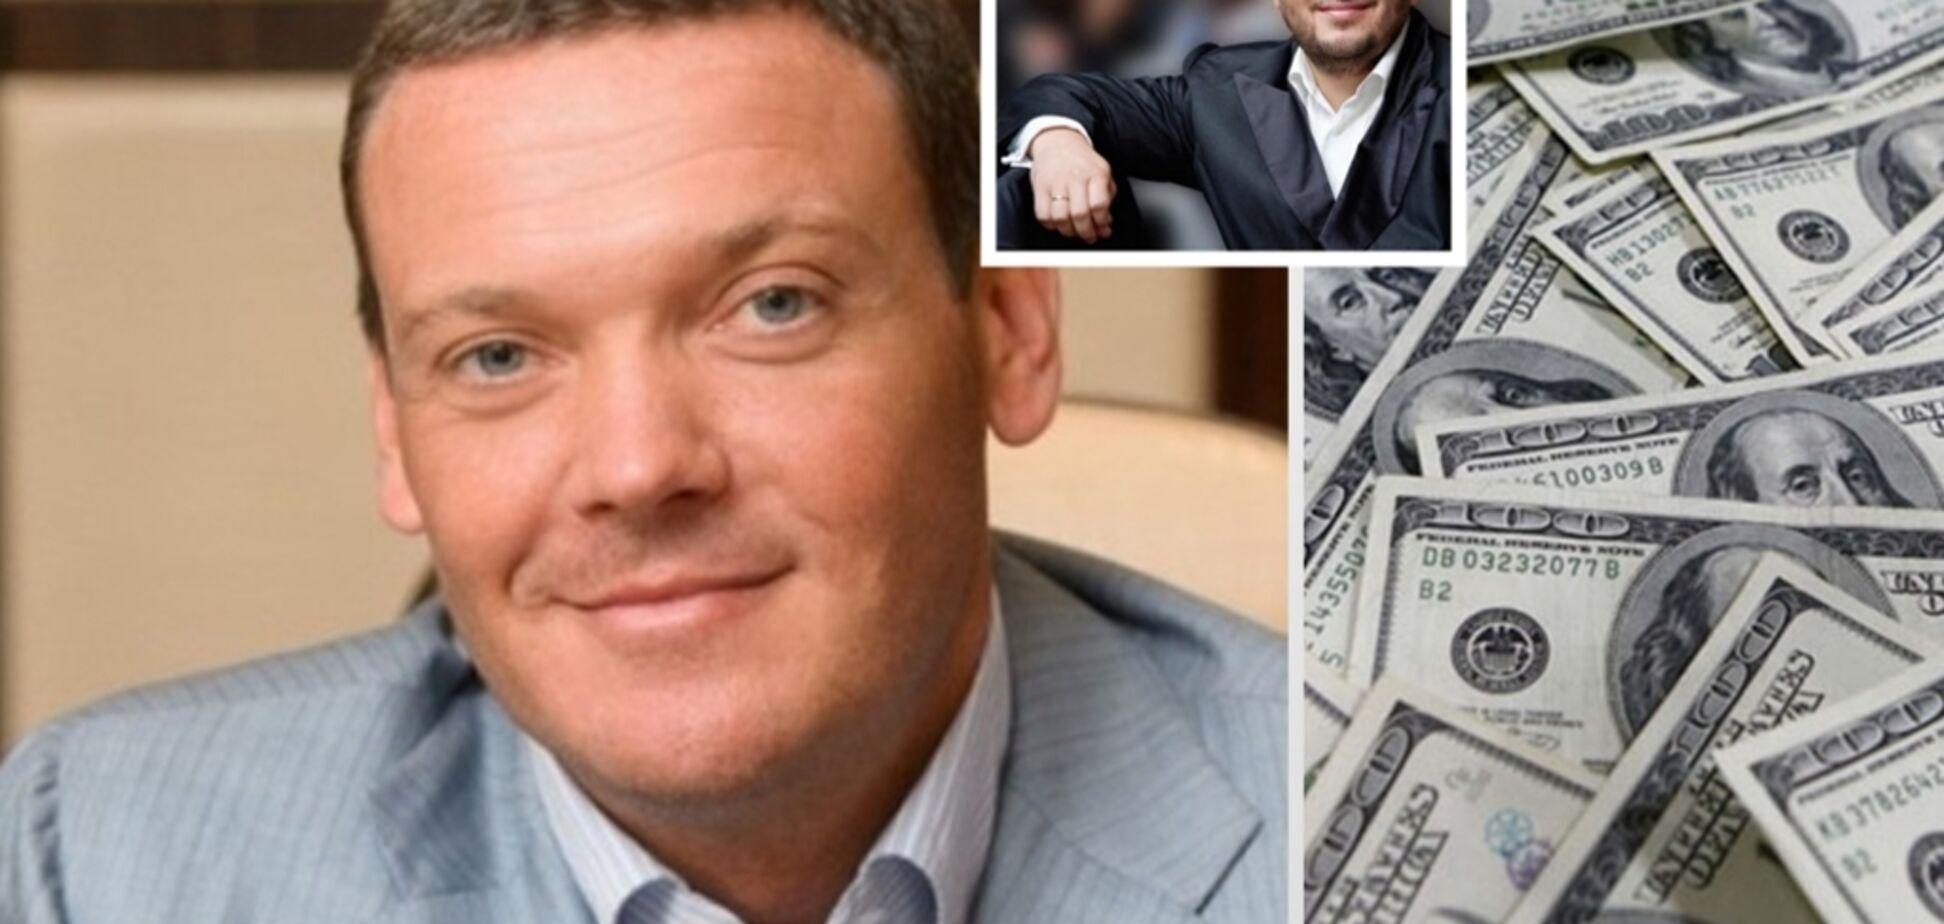 В Израиле арестовали партнера Грановского: обвиняют в финансовых махинациях